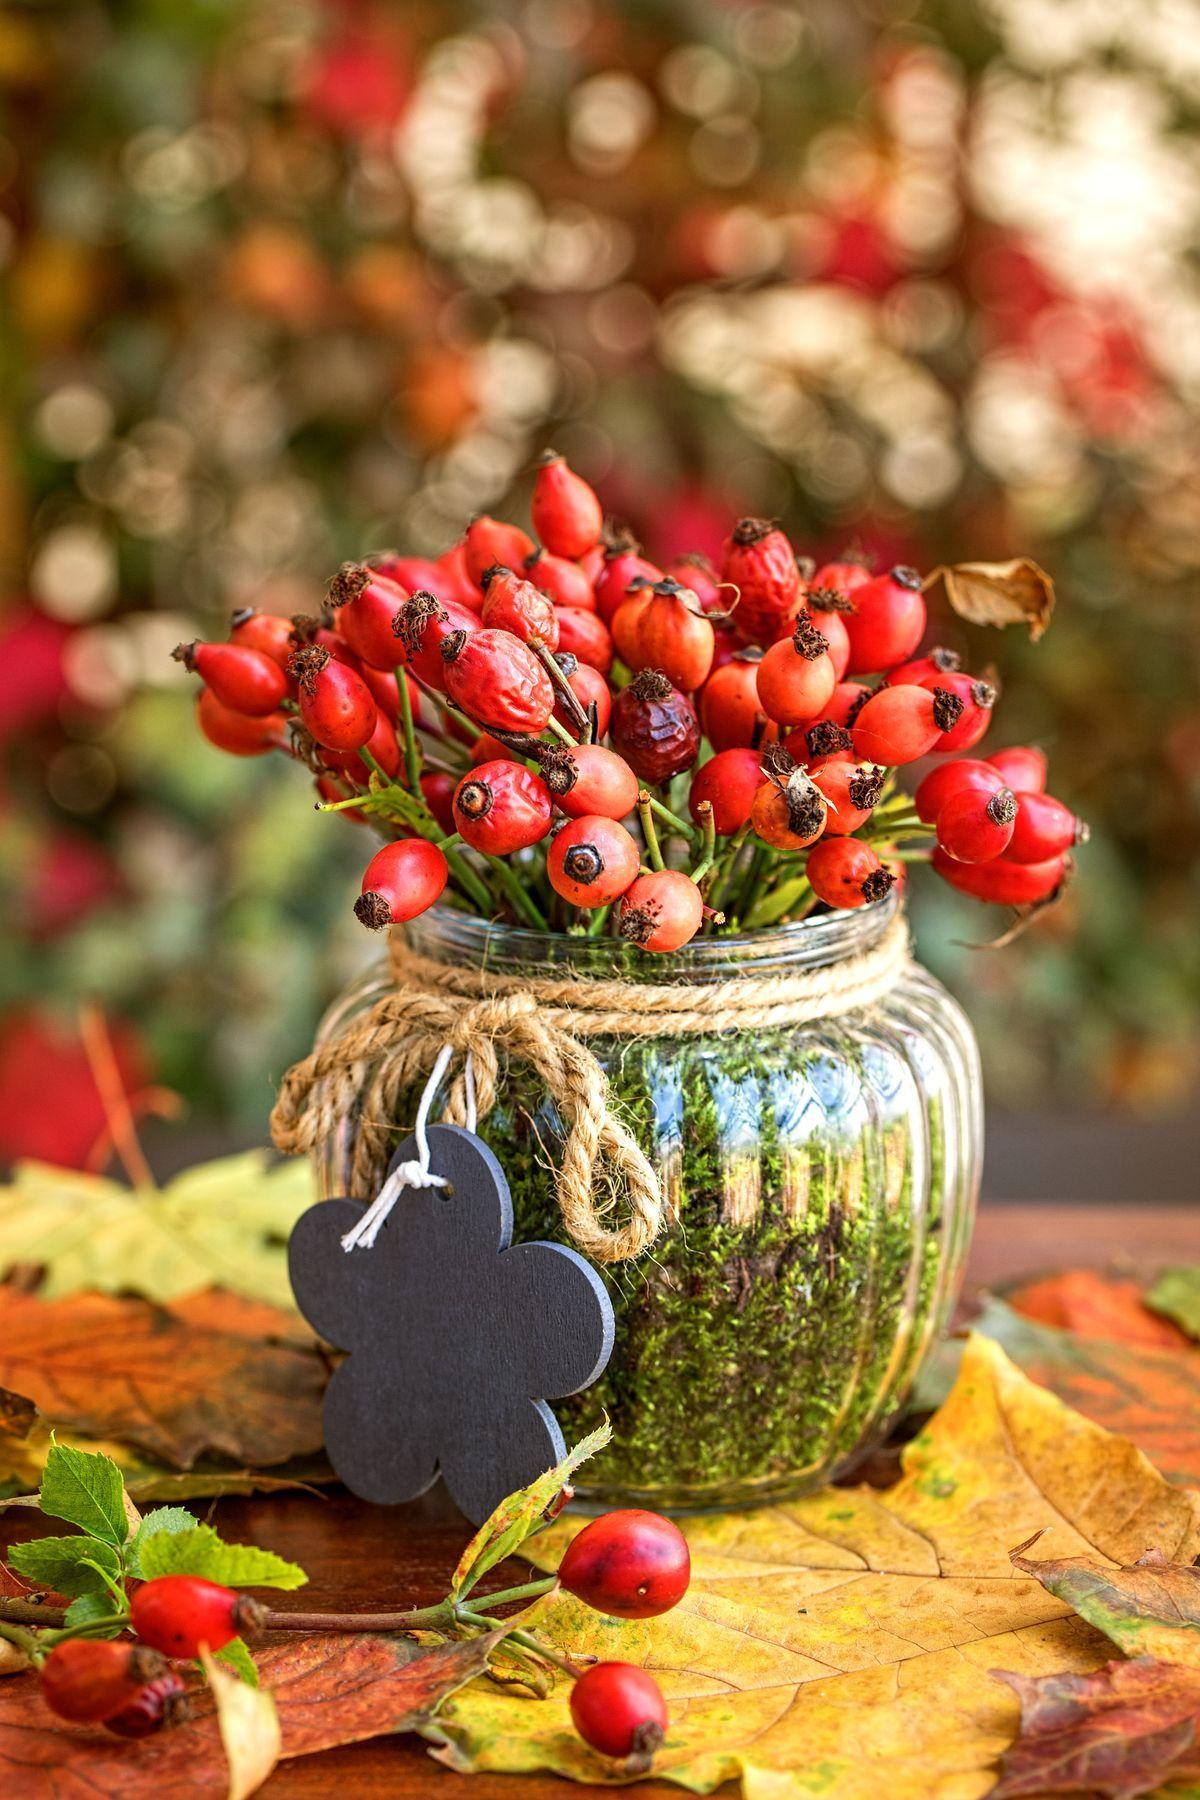 Podzim pro někoho znamená pochmurné a deštivé počasí, pro jiného radost z barevné přírody. Proto ji využijte v plné síle a přineste si domů krásné listy, kaštany i zářivě červené šípky. Ukážeme vám, jak z nich snadno vyrobit milé dekorace. #herbsttischdekorationen